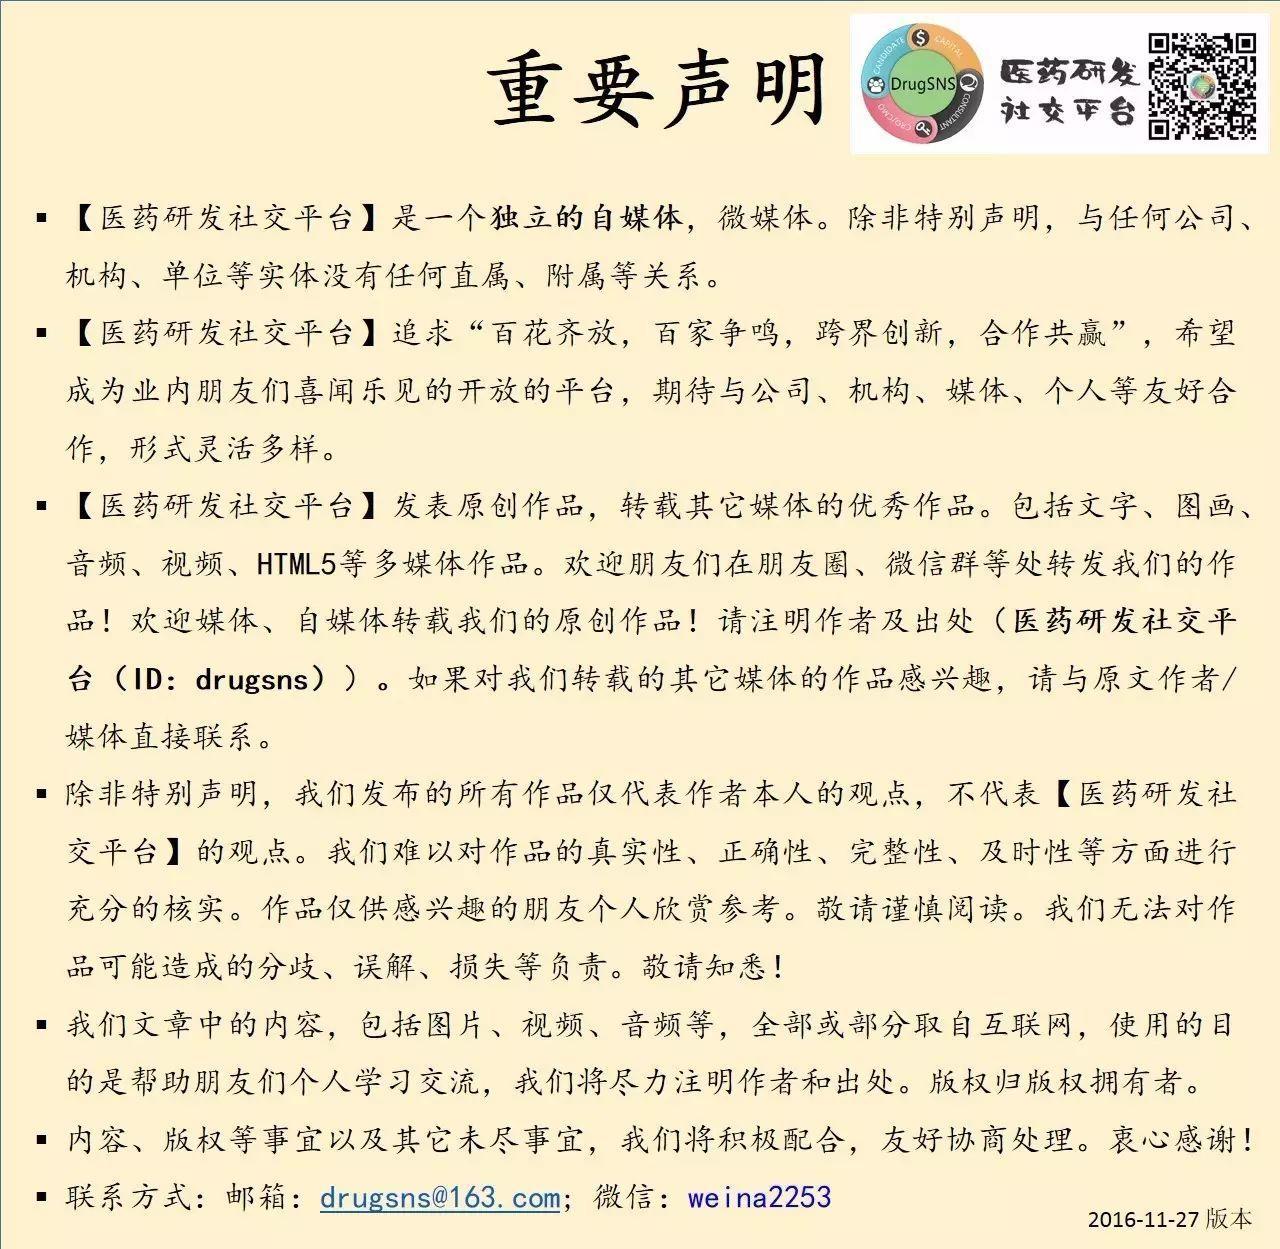 【医药研发社交平台】重要声明(及联系方式)